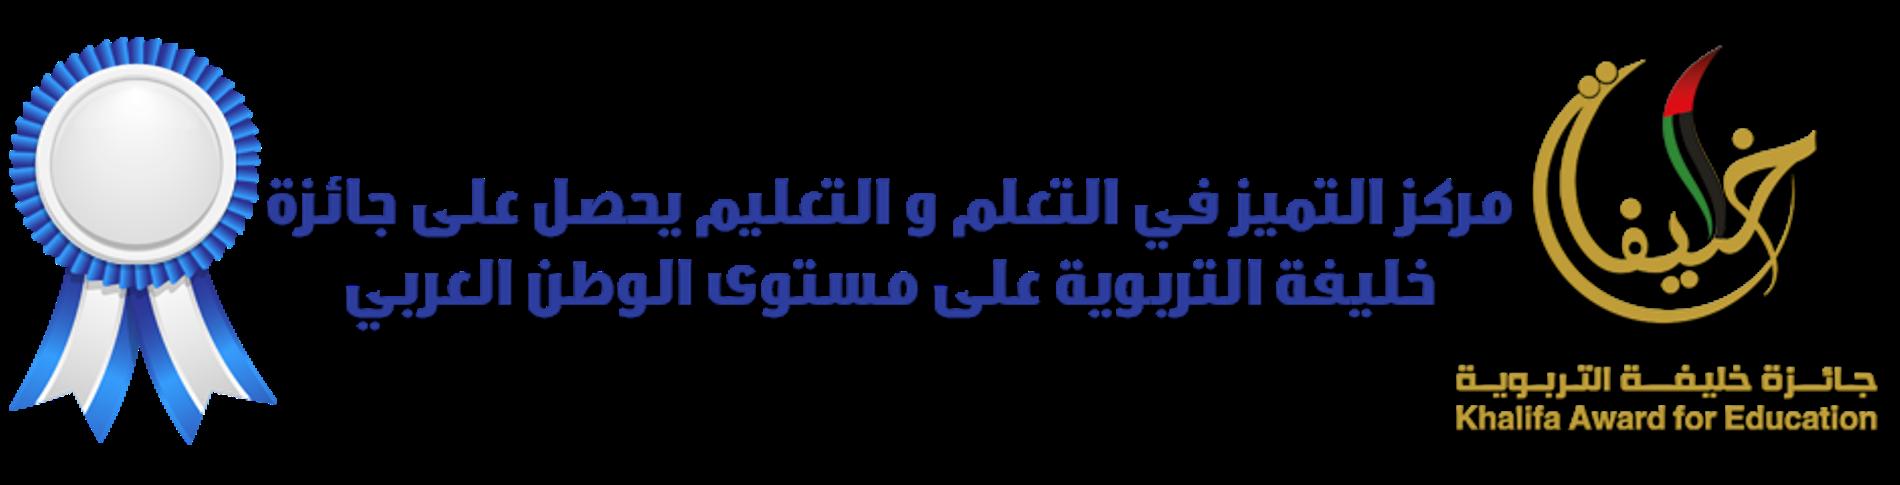 مركز التميز في التعلم و التعليم... -